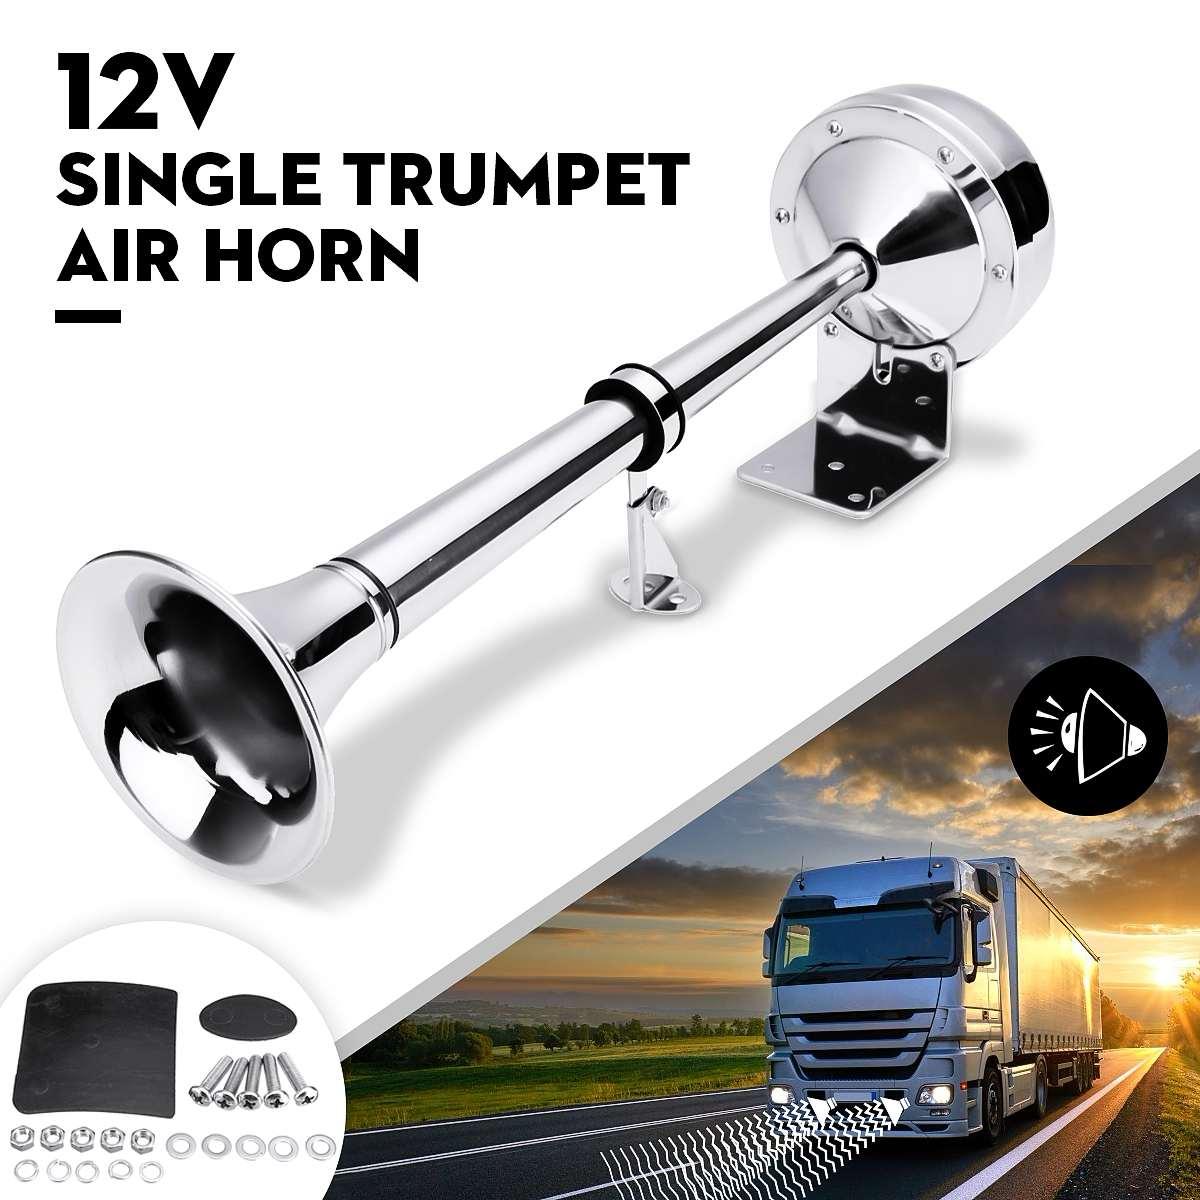 12V Electric Pump Air Horn Super Loud 115db for Car Truck Bus Van Train